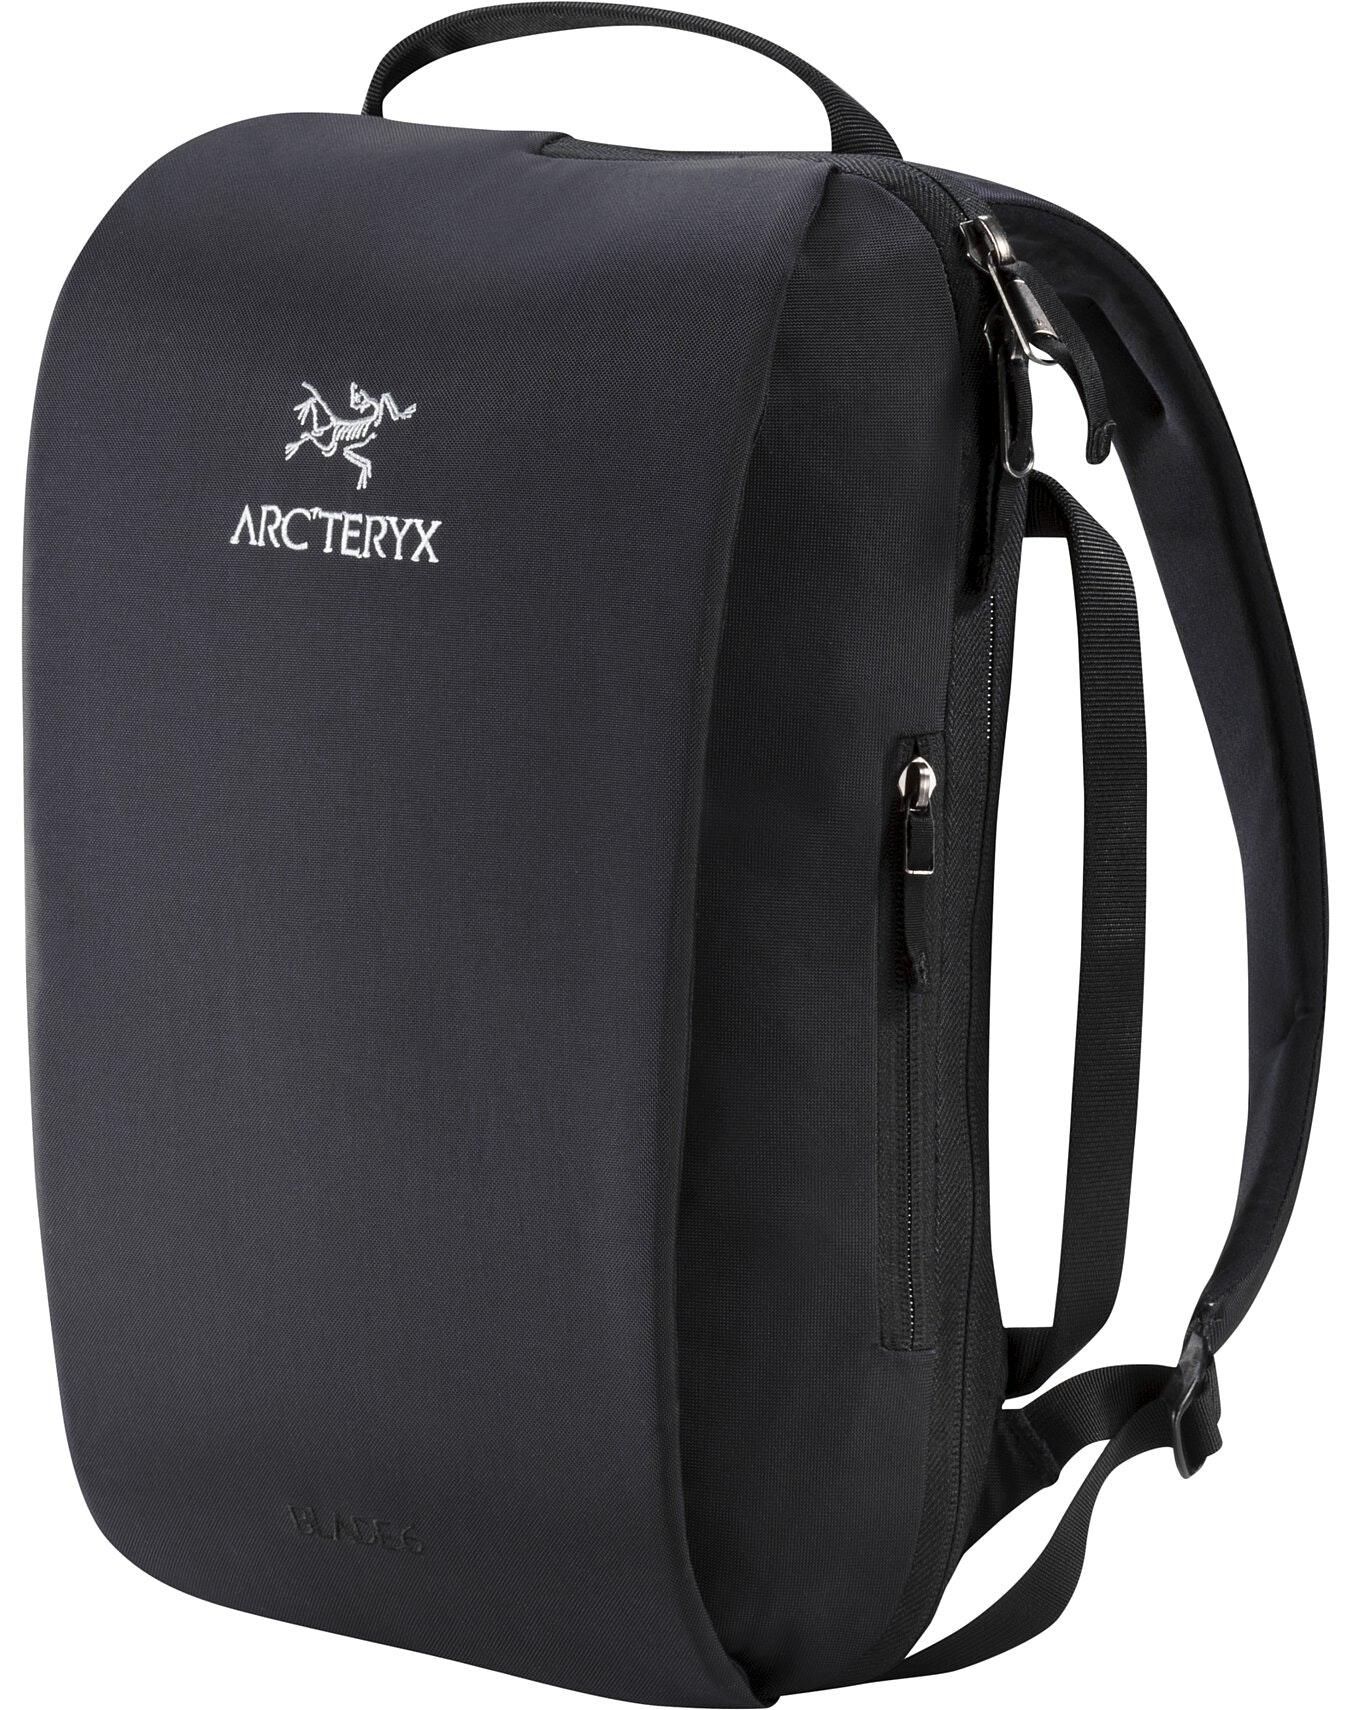 Blade 6 Backpack Black